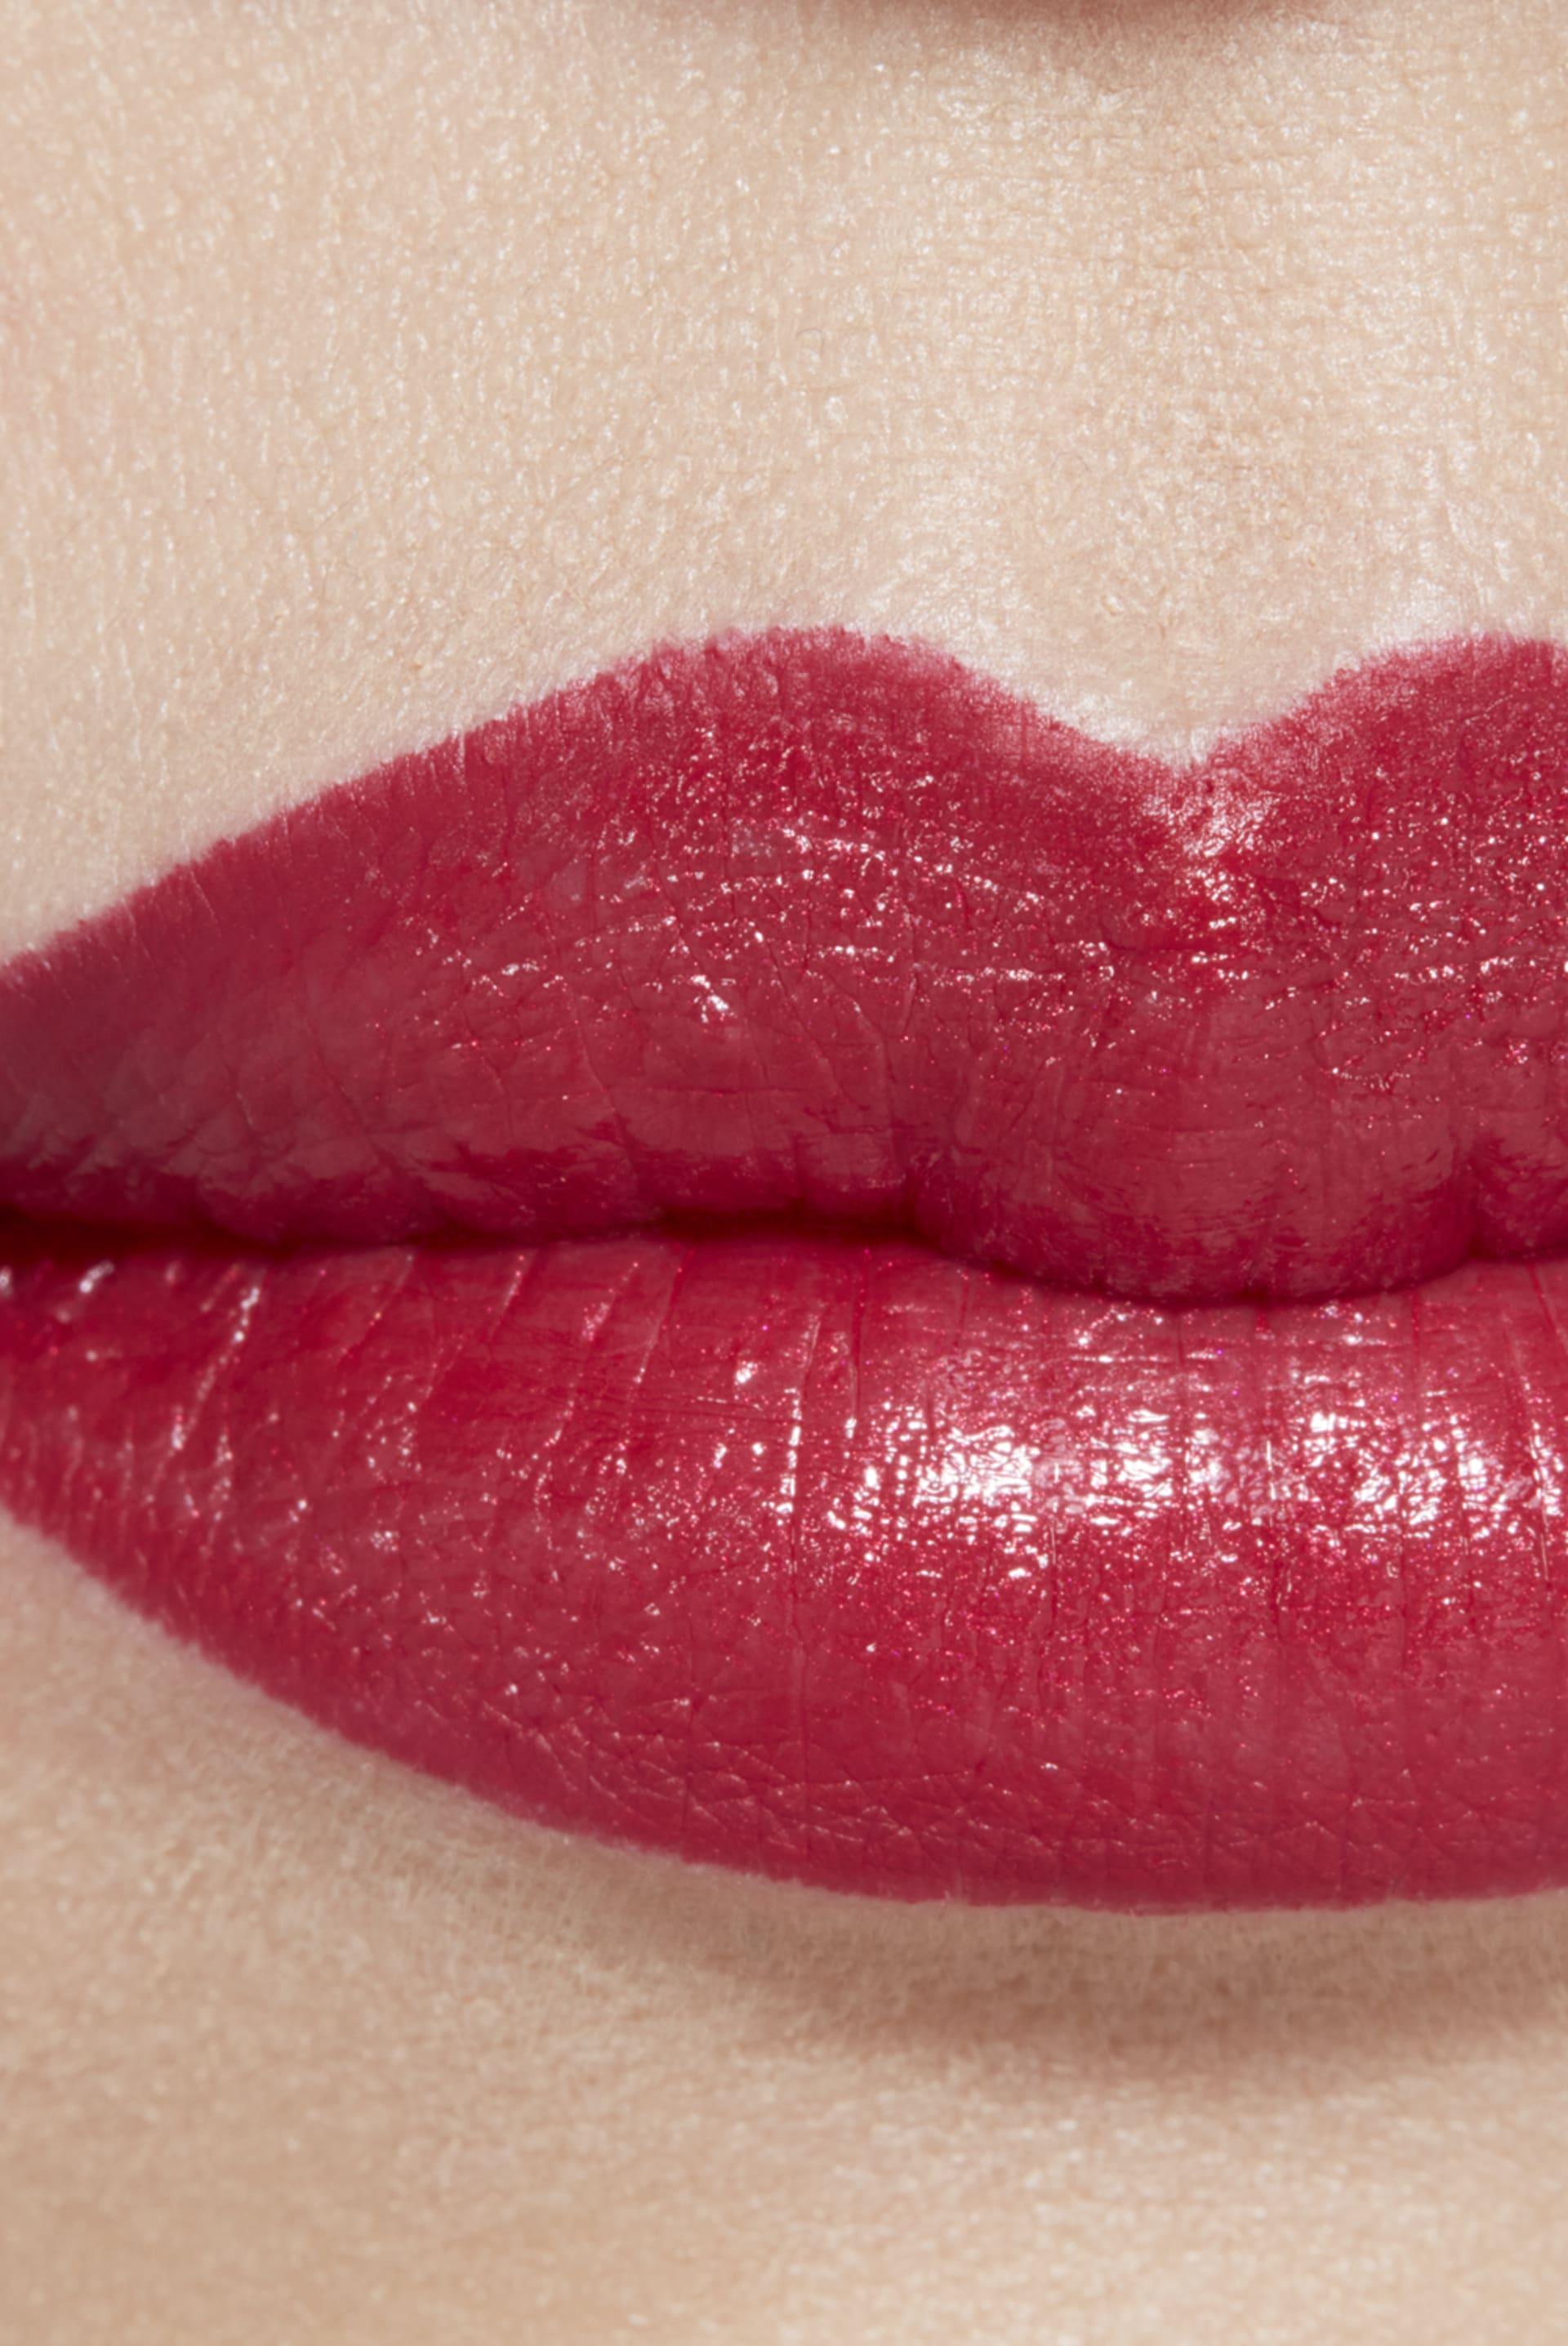 Пример нанесения макияжа 1 - ROUGE ALLURE CAMÉLIA 607 - ROUGE ALLURE CAMÉLIA ROUGE MÉTAL